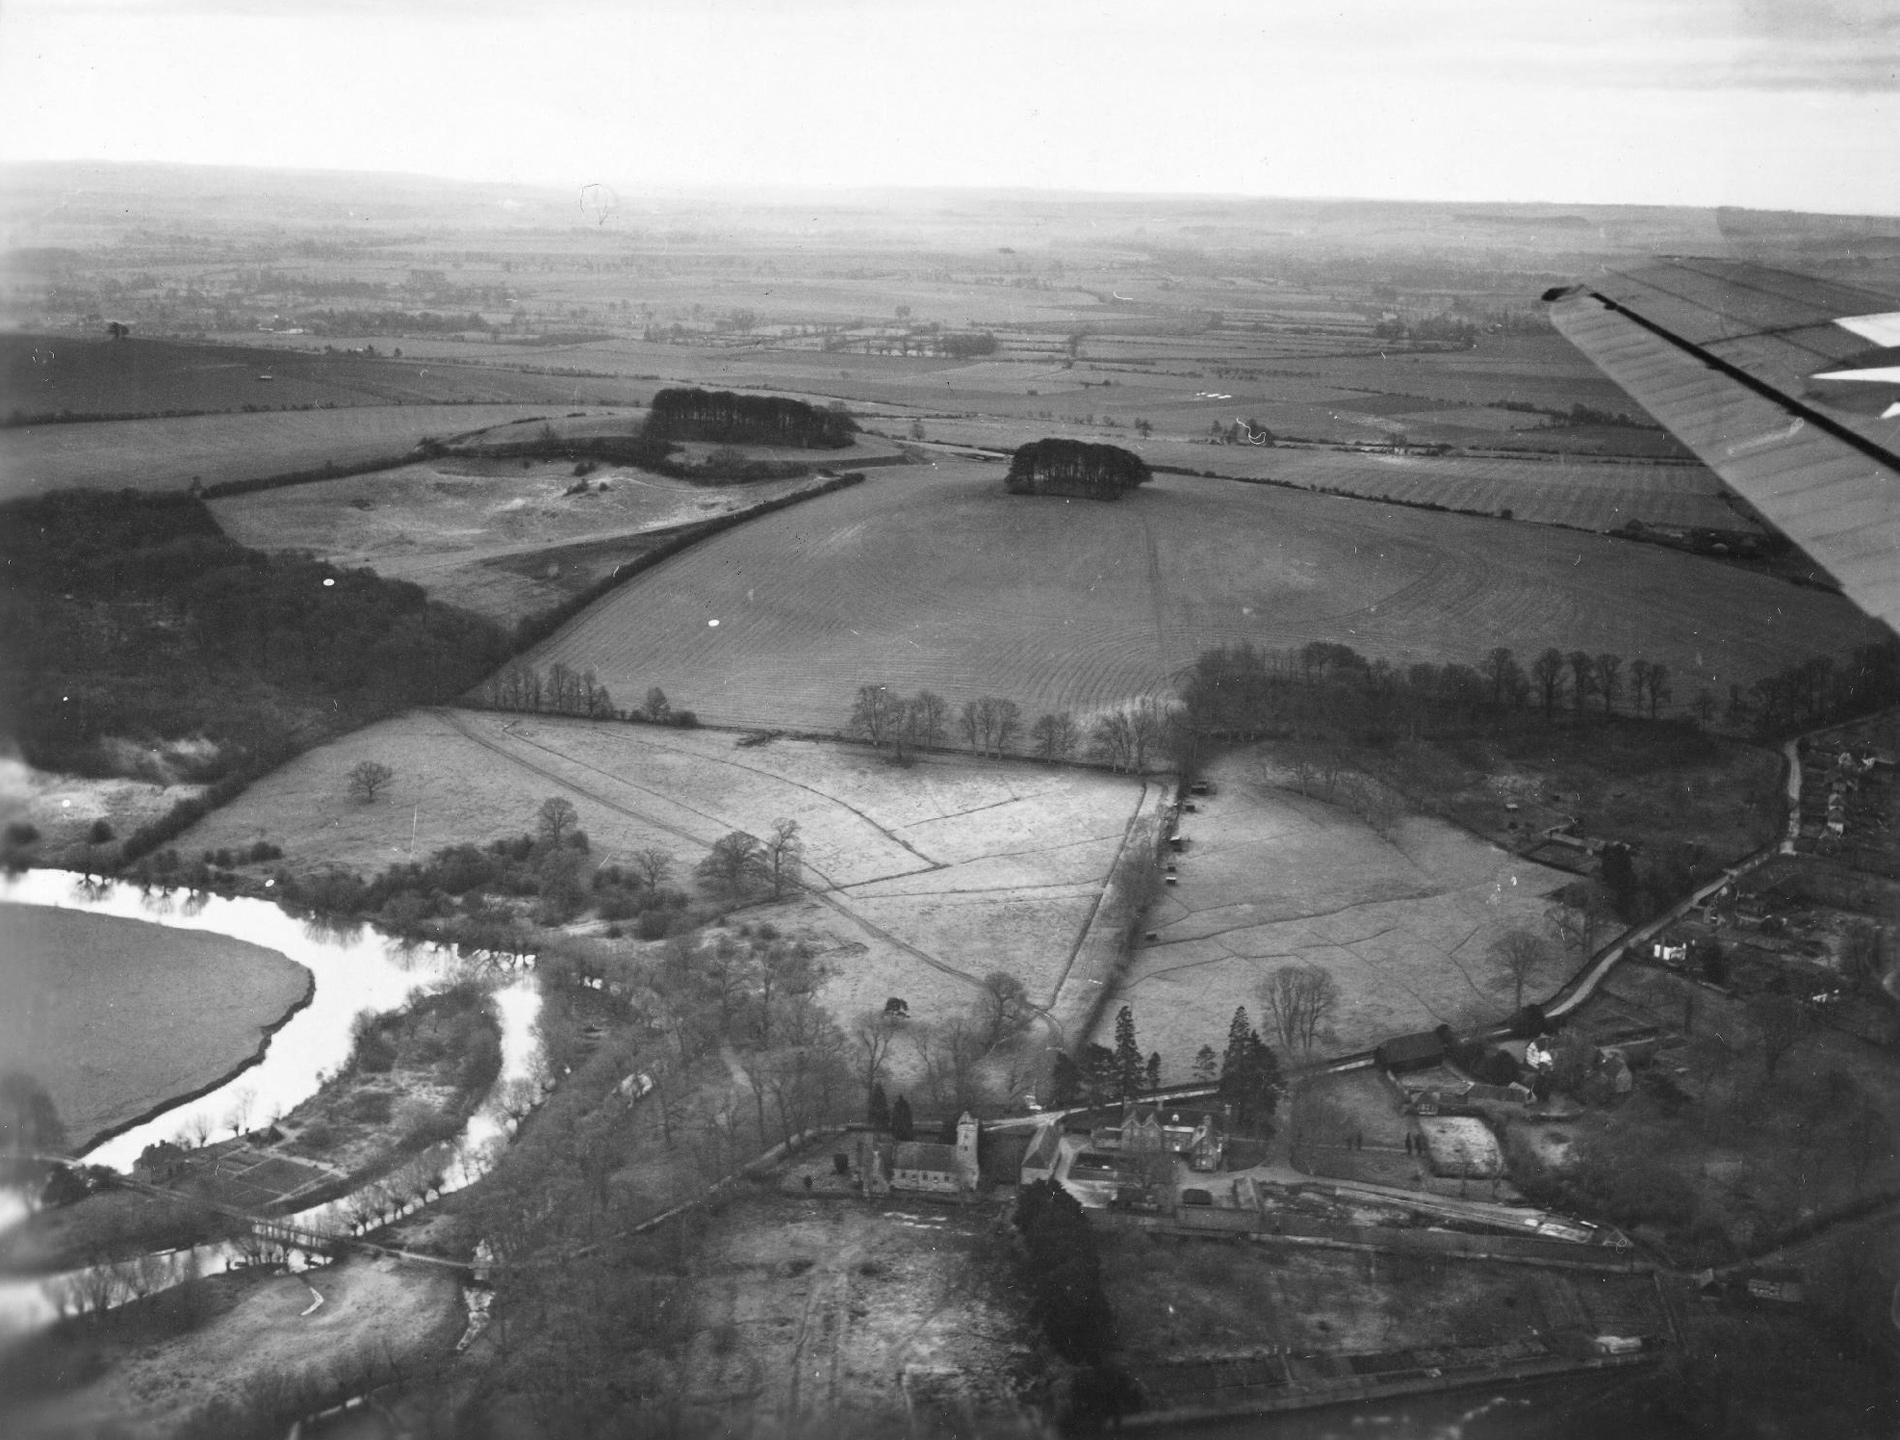 Little Wittenham und seine St. Peter's Church sowie die Little Wittenham Bridge (Großbritannien)